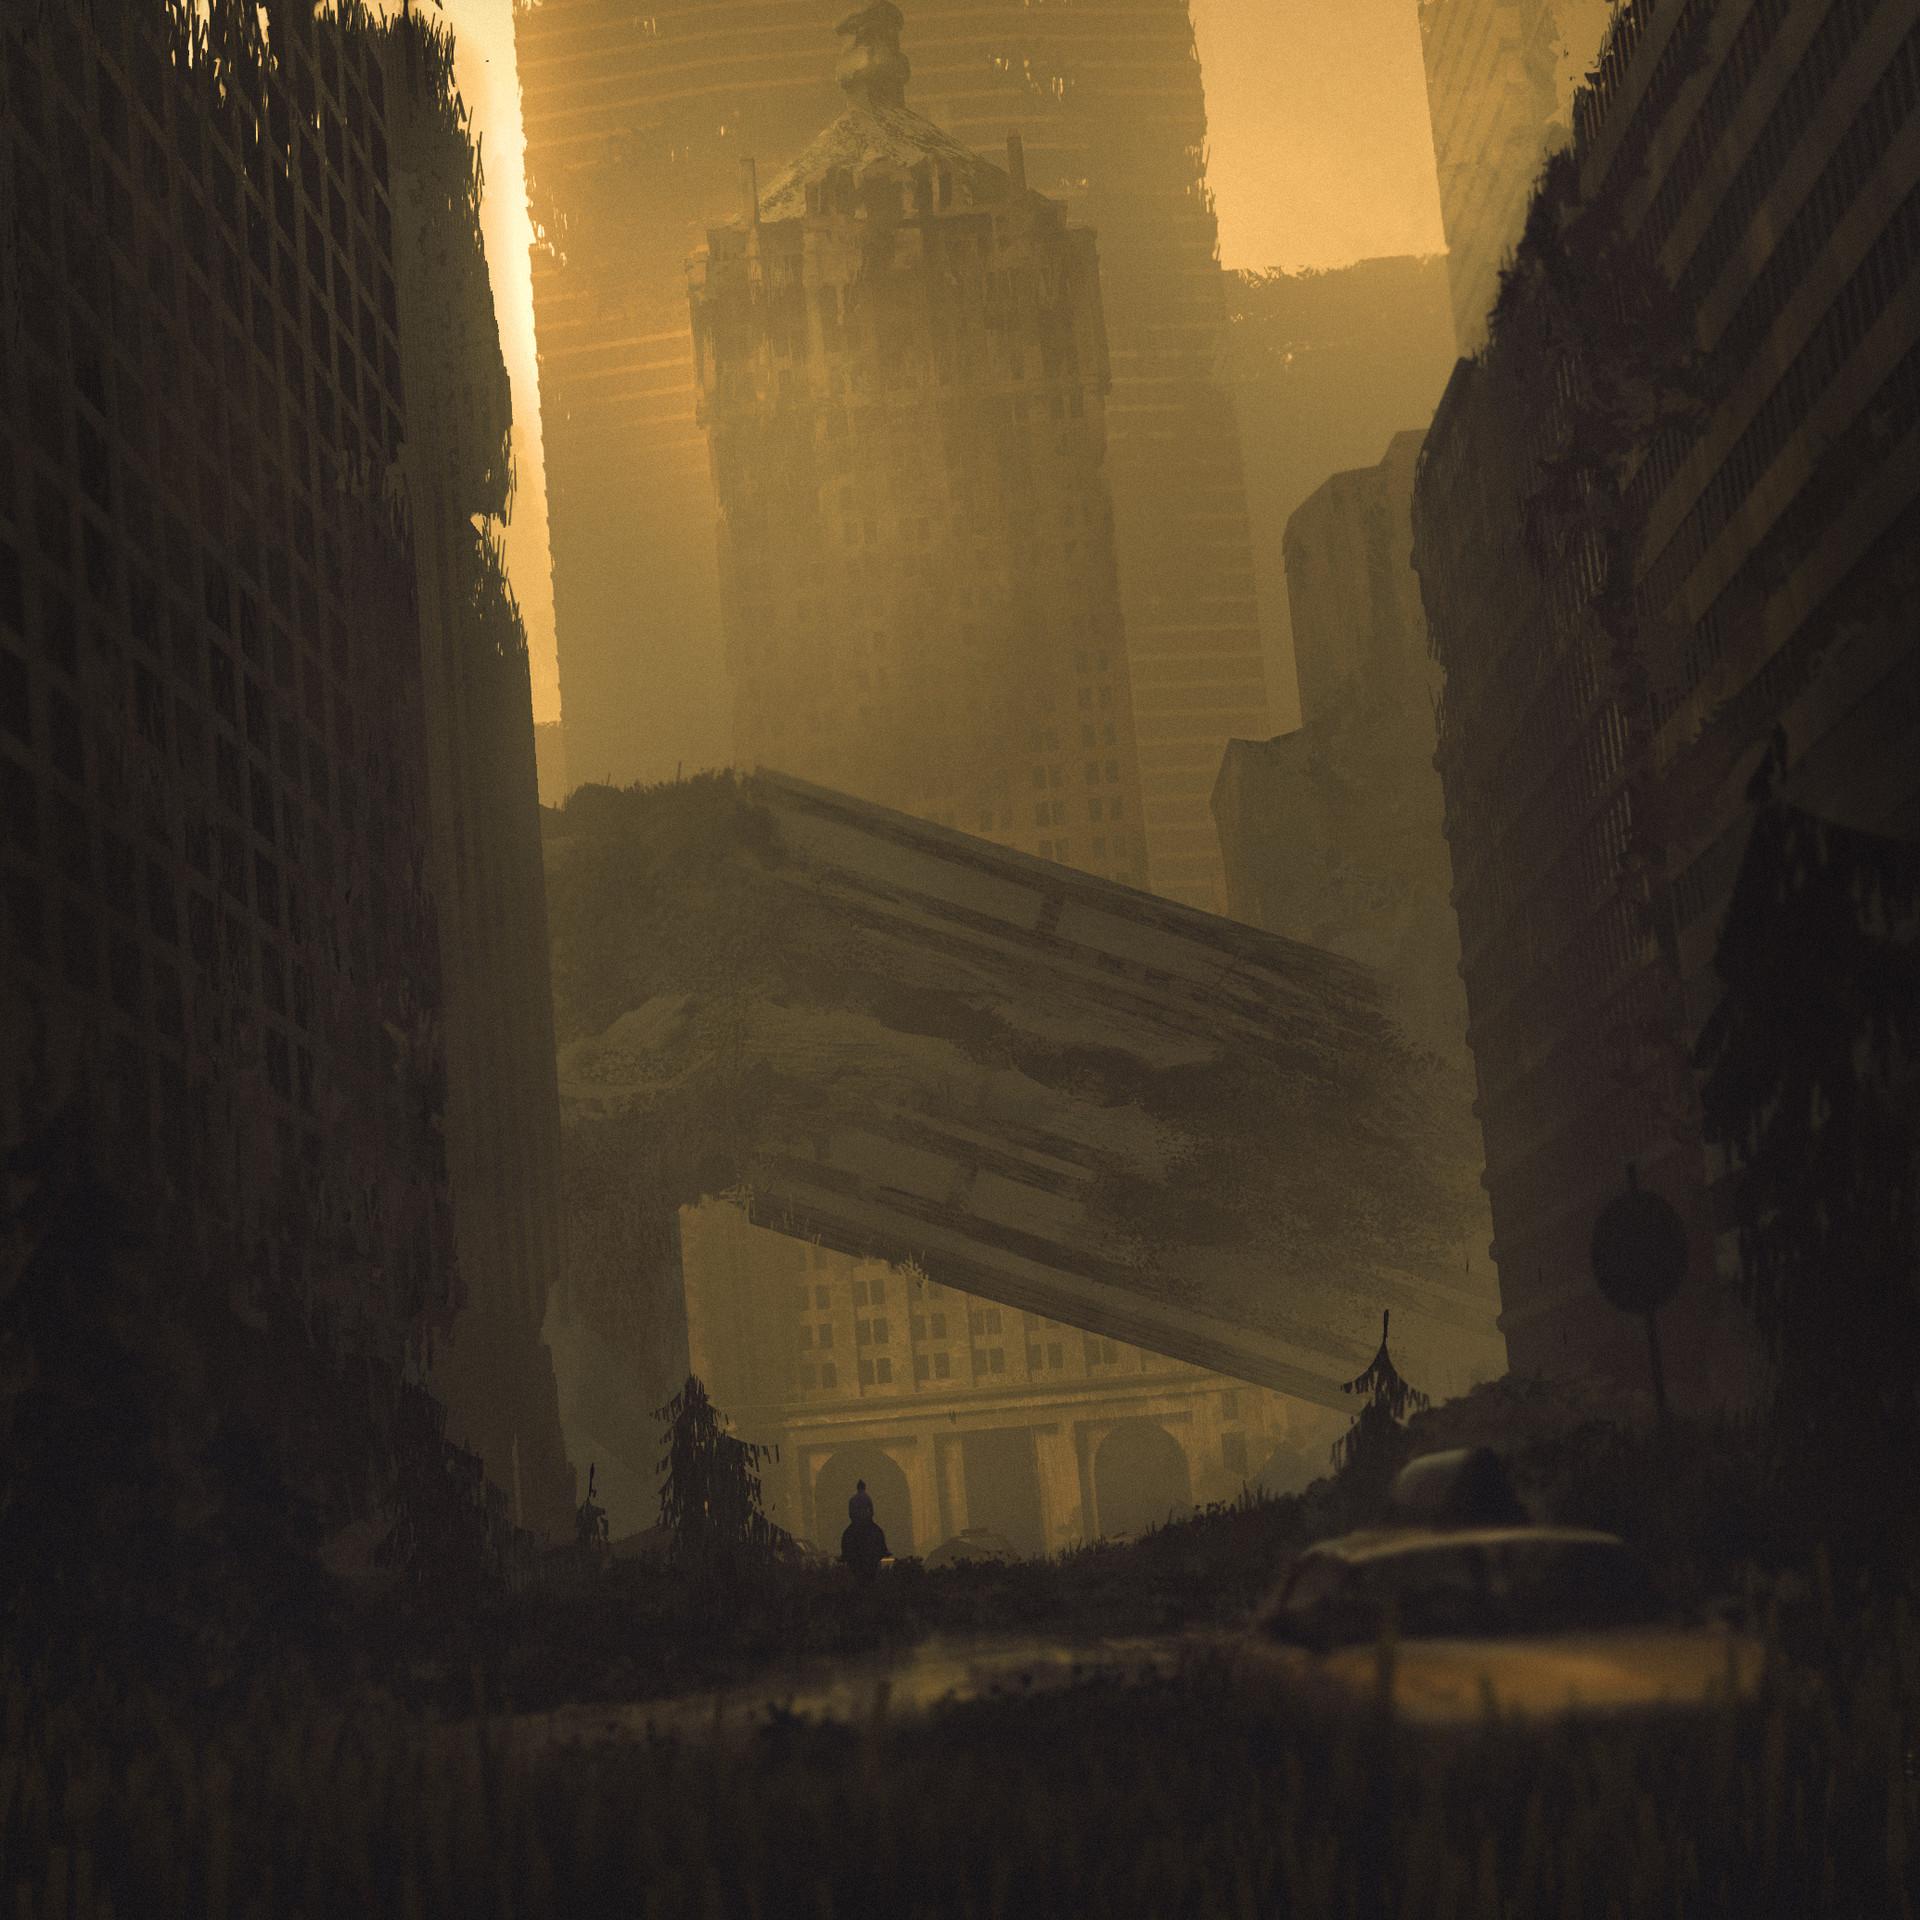 henrik-evensen-post-apocalyptic-nyc-1